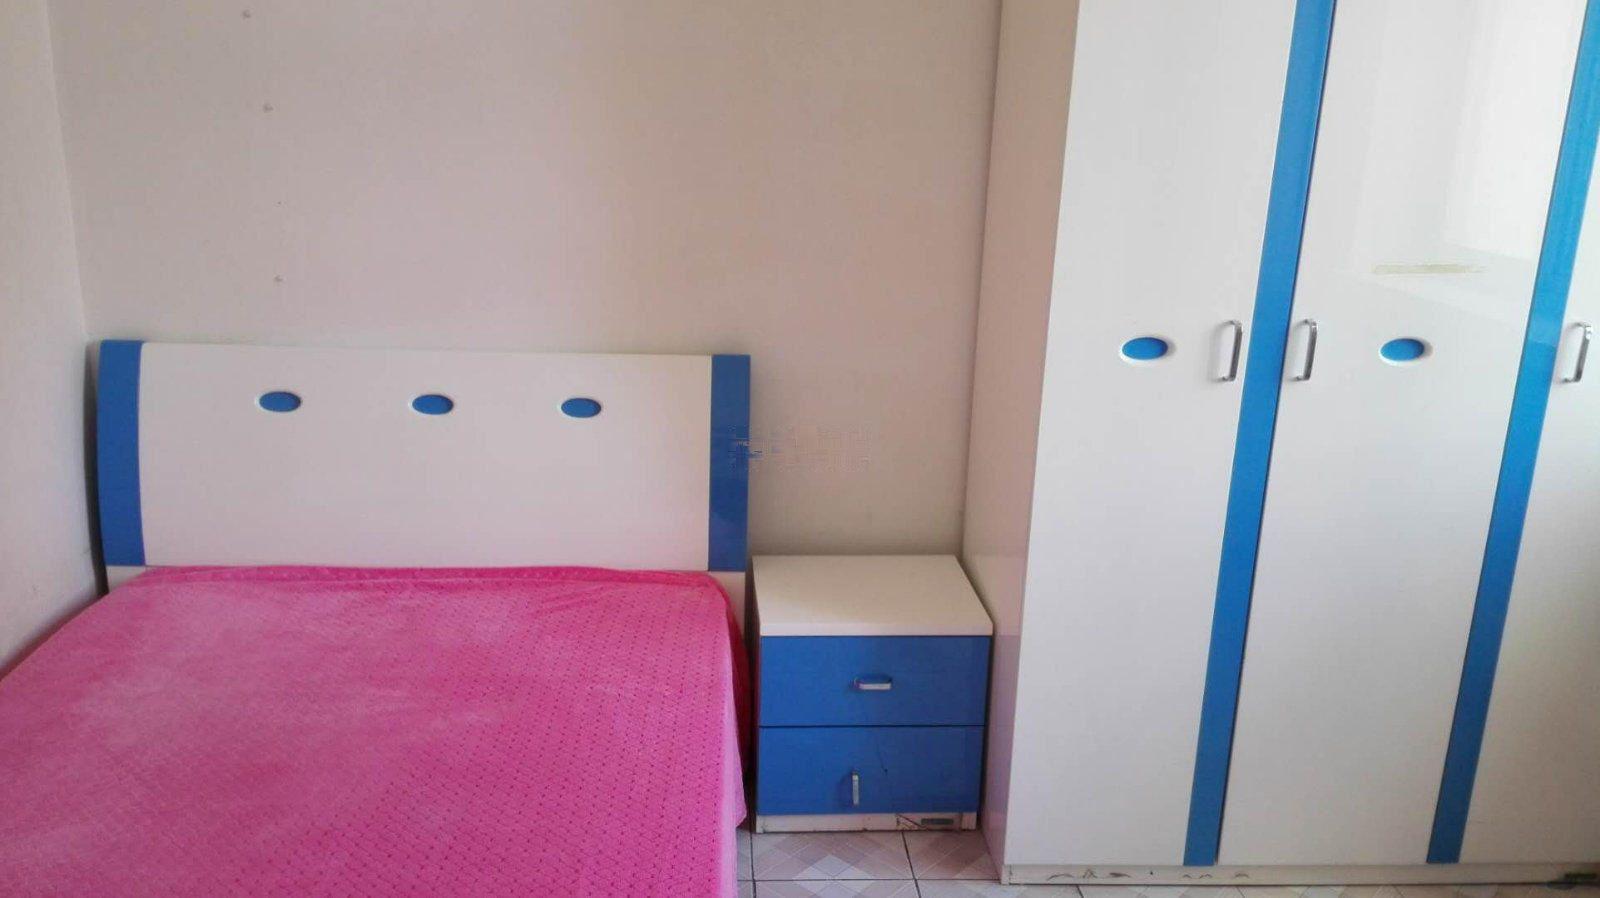 干净整洁,随时入住,西苑小区 1200元 2室1厅1卫西苑小区